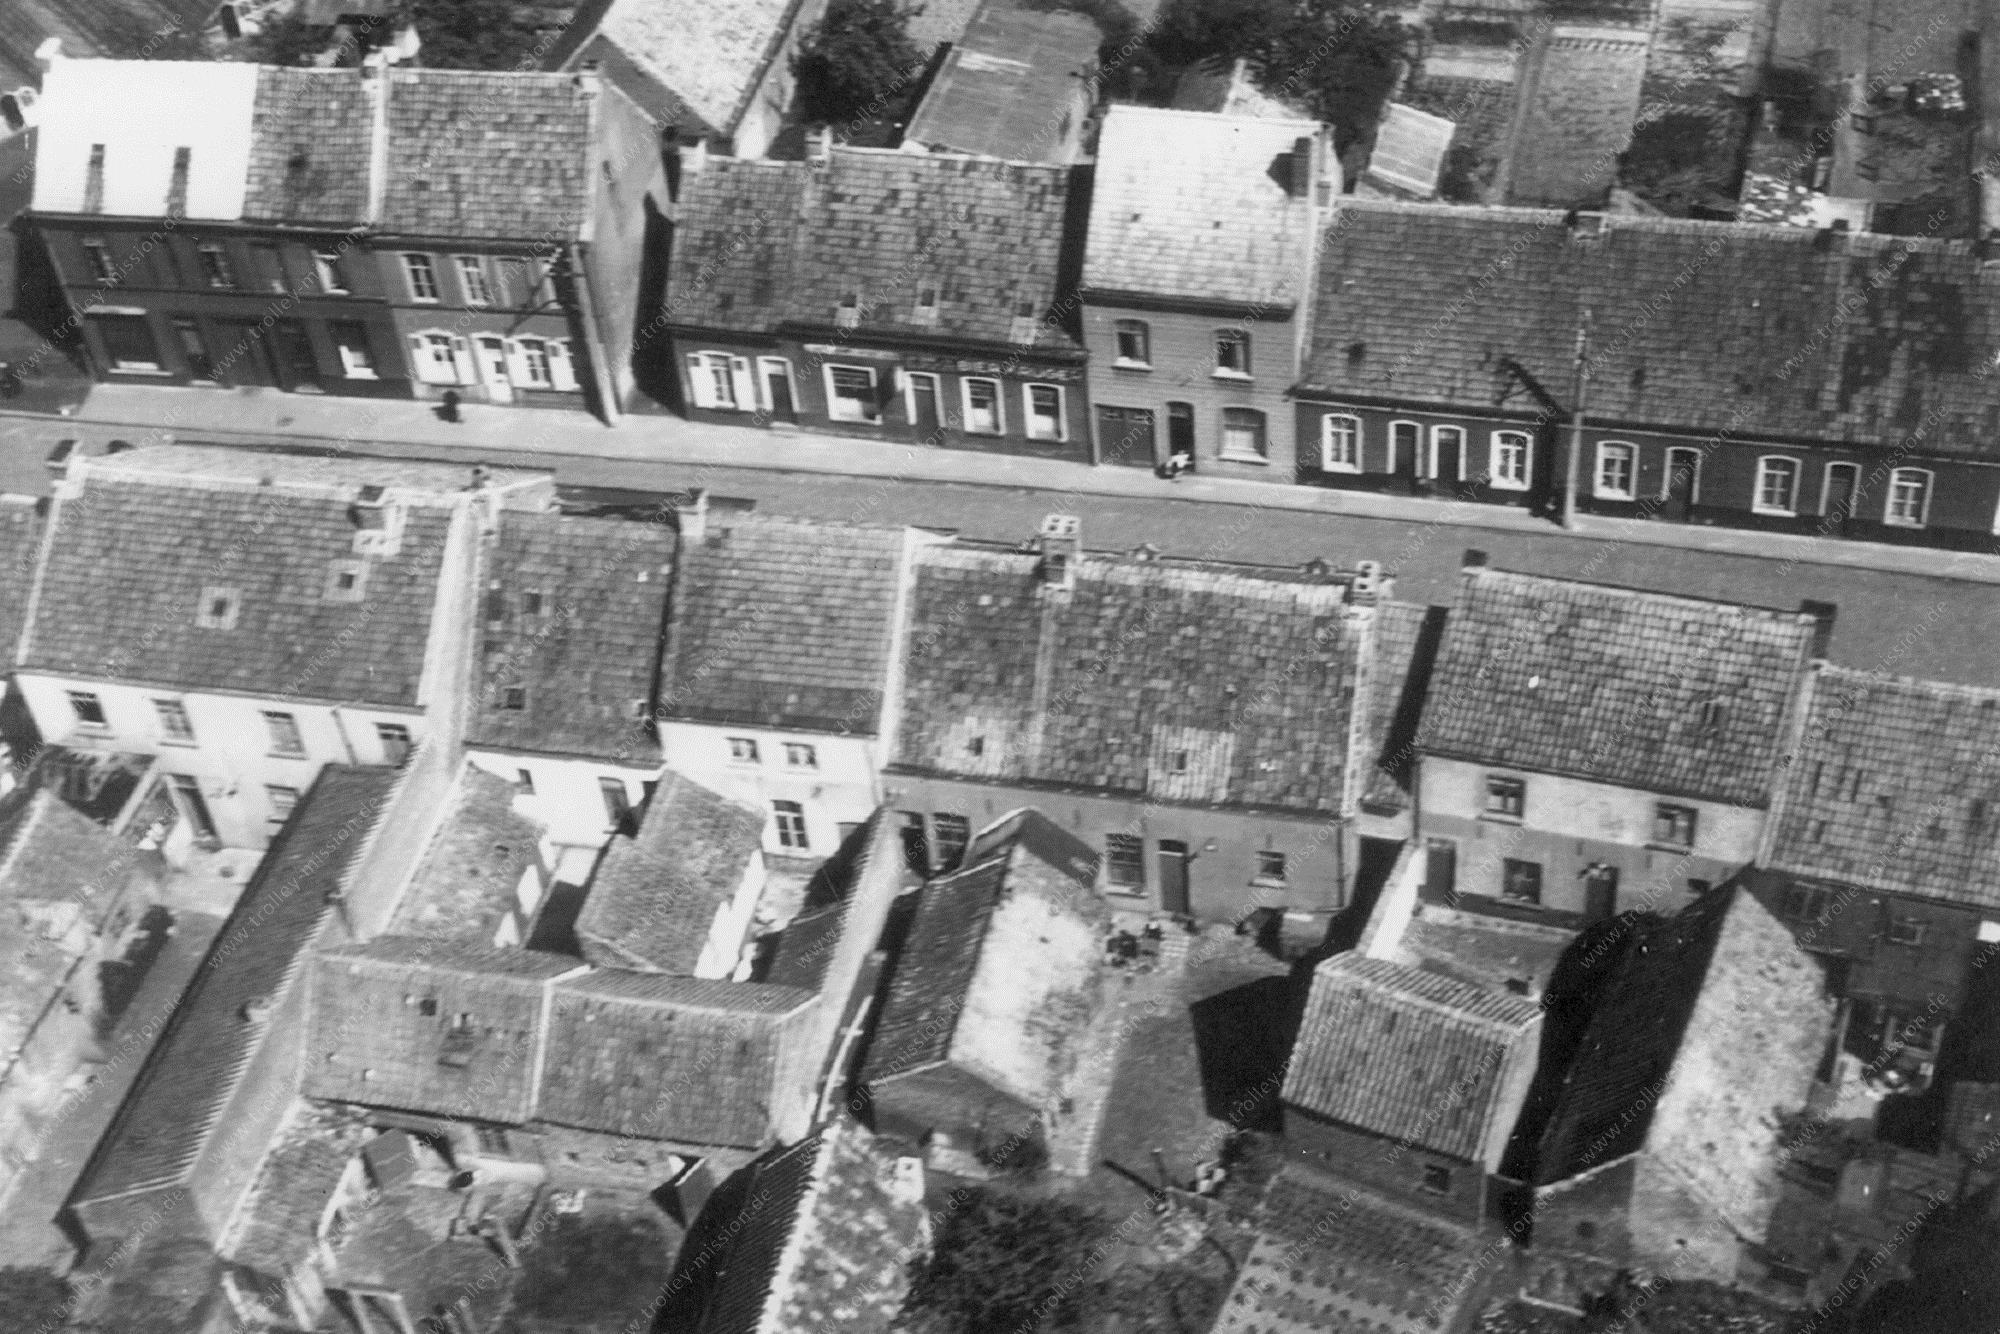 Unbekanntes Luftbild Kleine Straße Aufschrift Bier Krüge über dem Laden